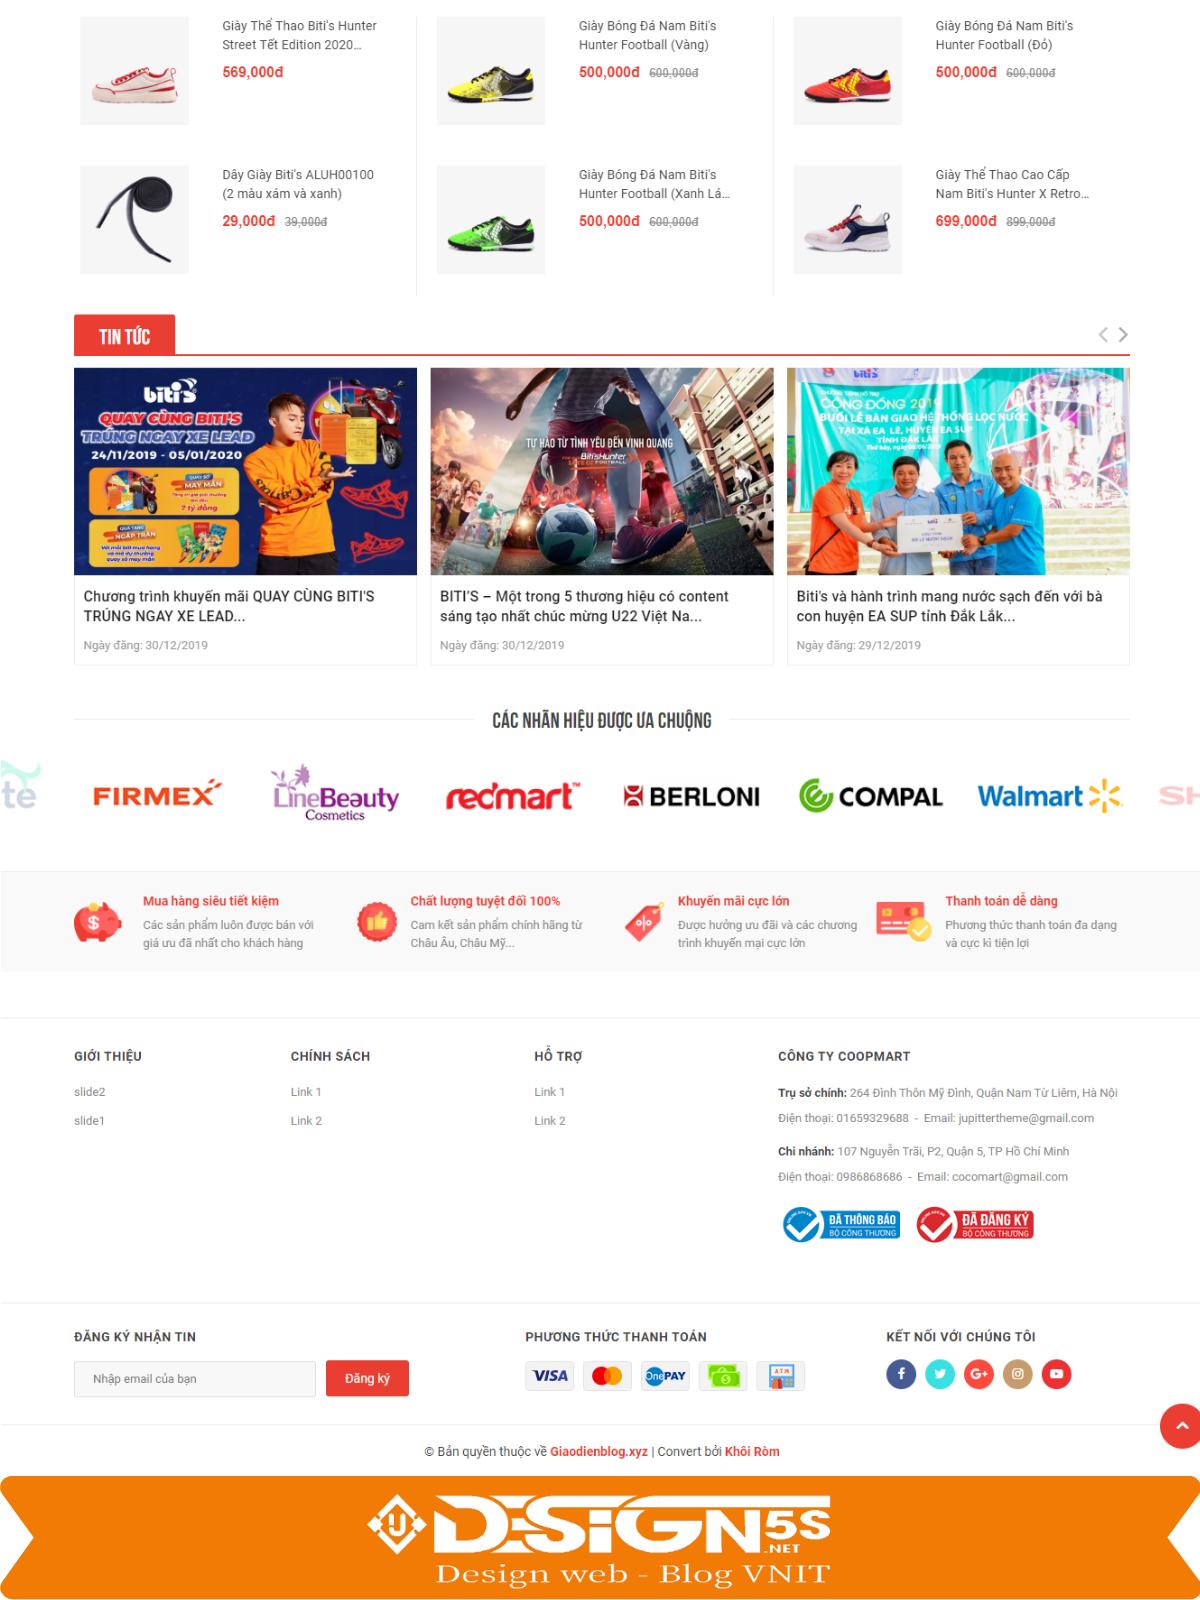 Mẫu Website bán hàng Cocomart Green chuẩn seo - Ảnh 2